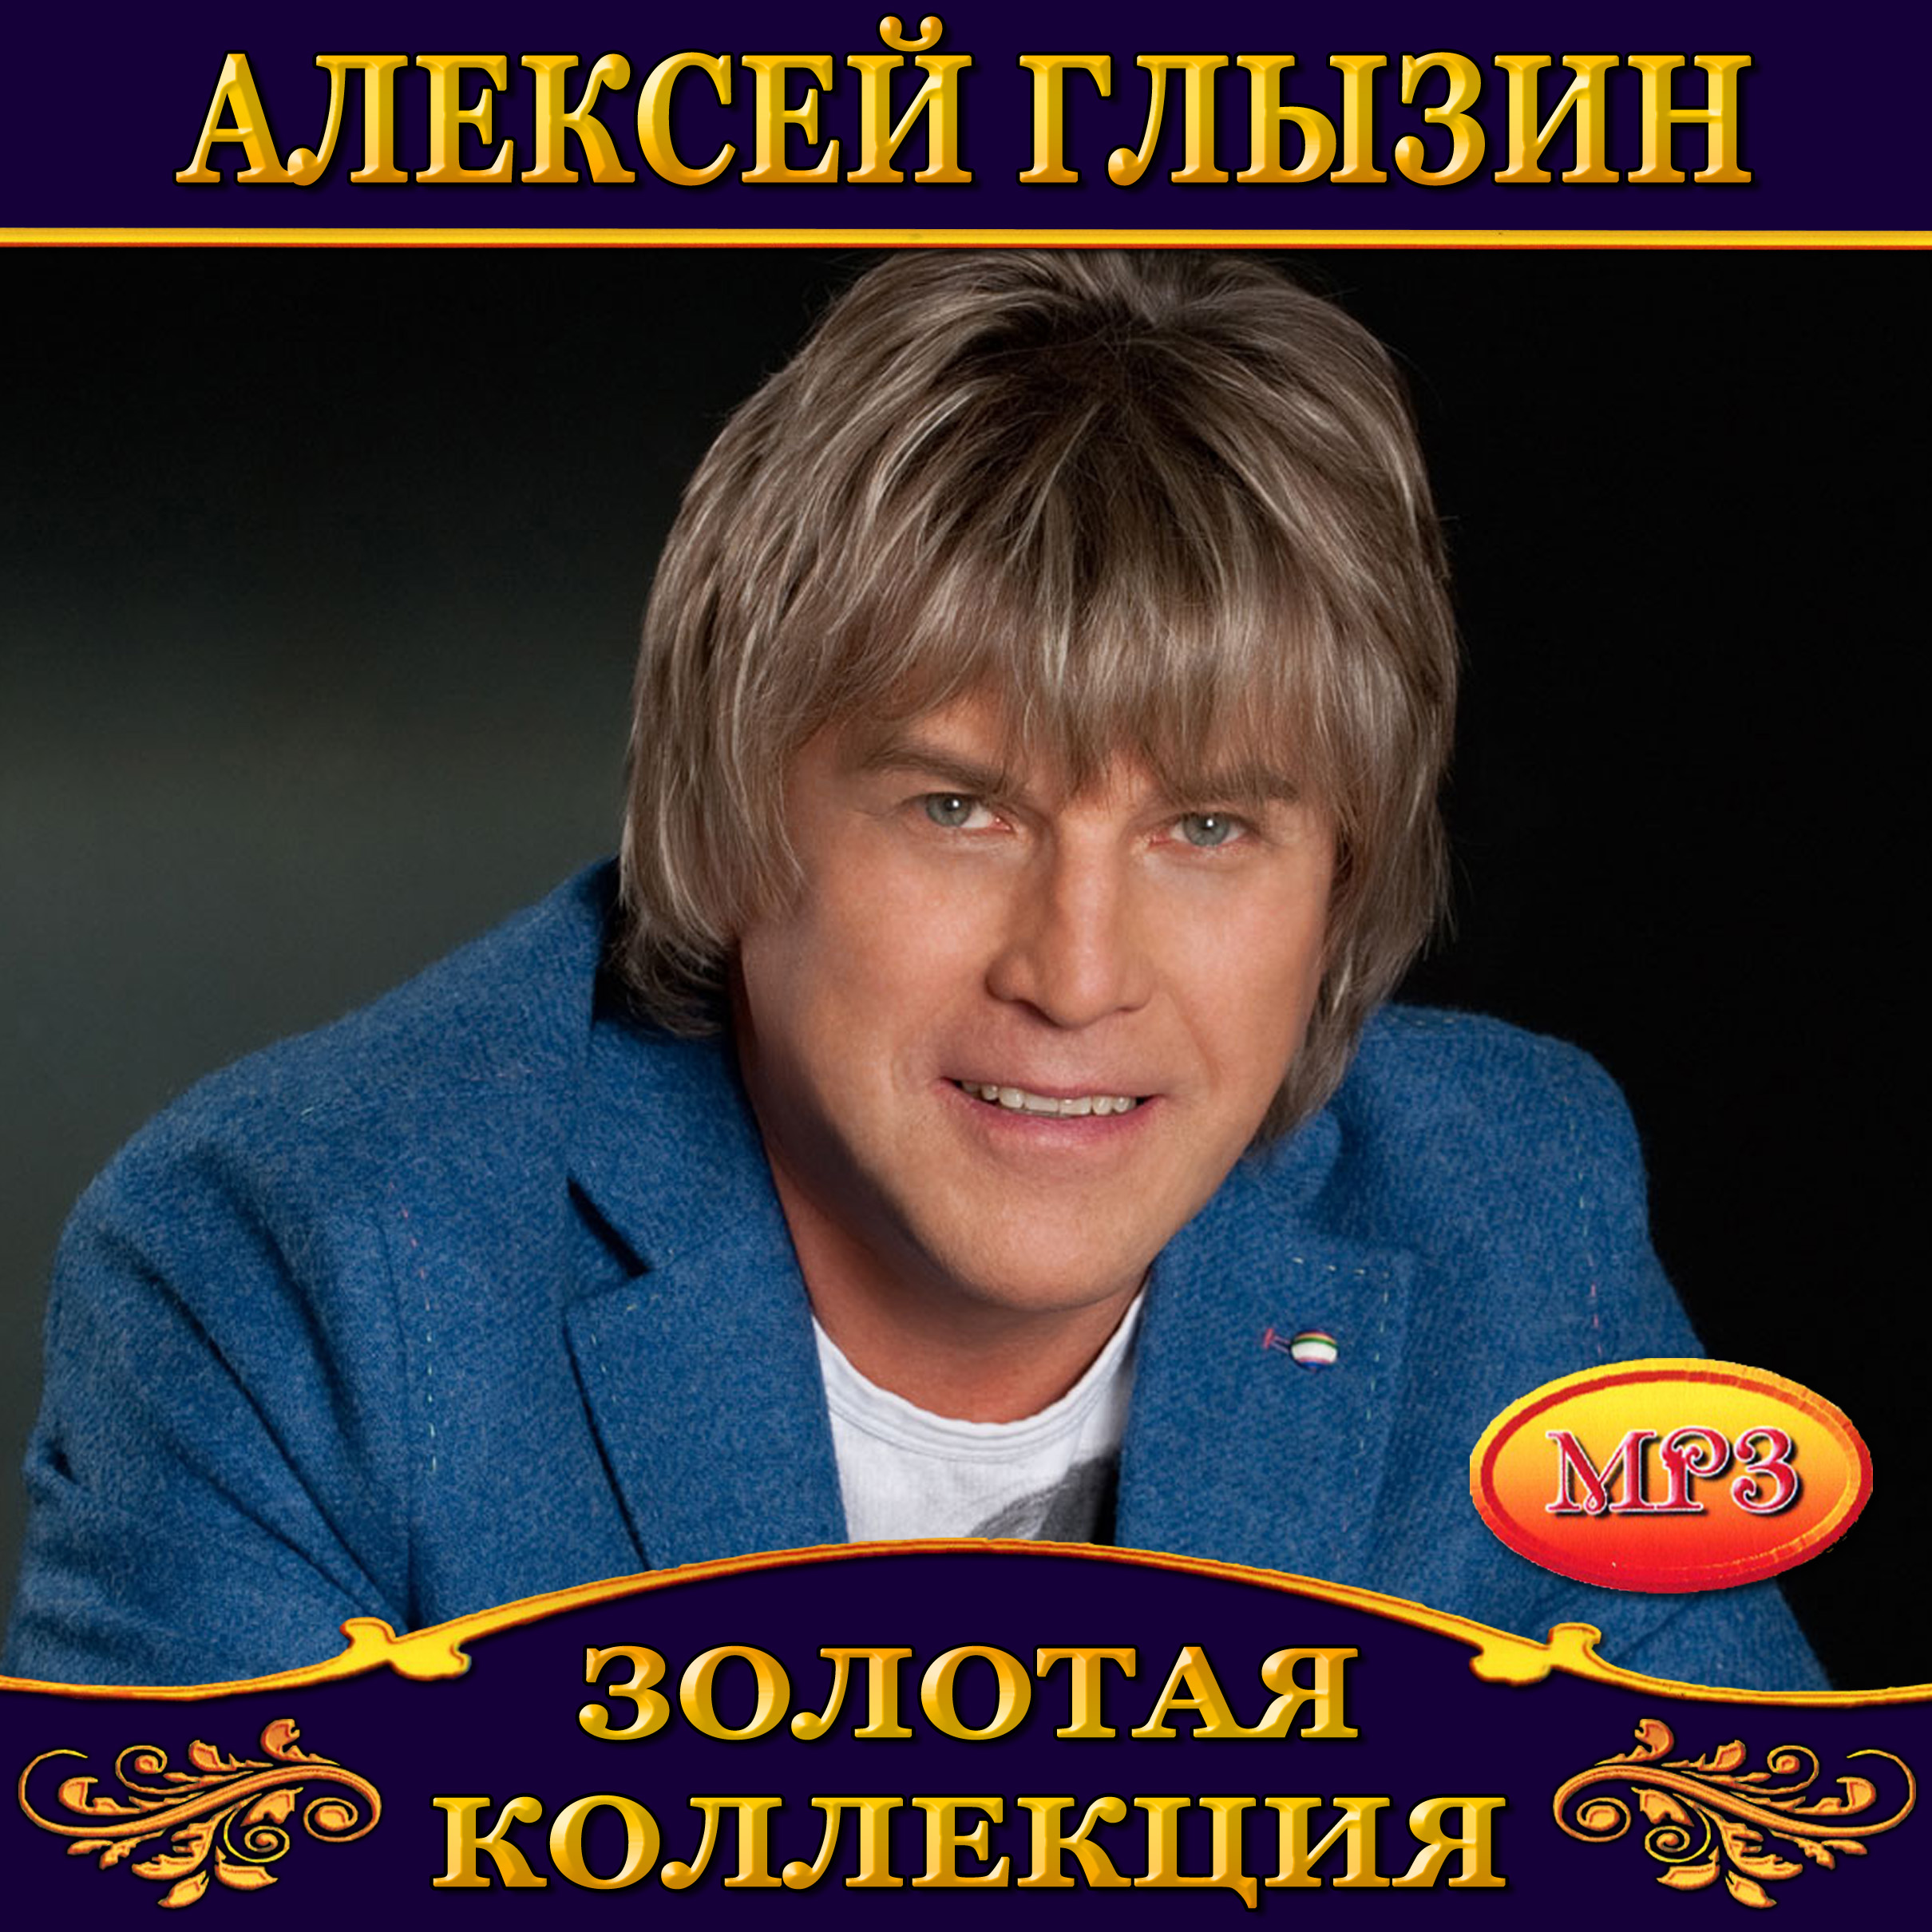 Алексей Глызин [mp3]